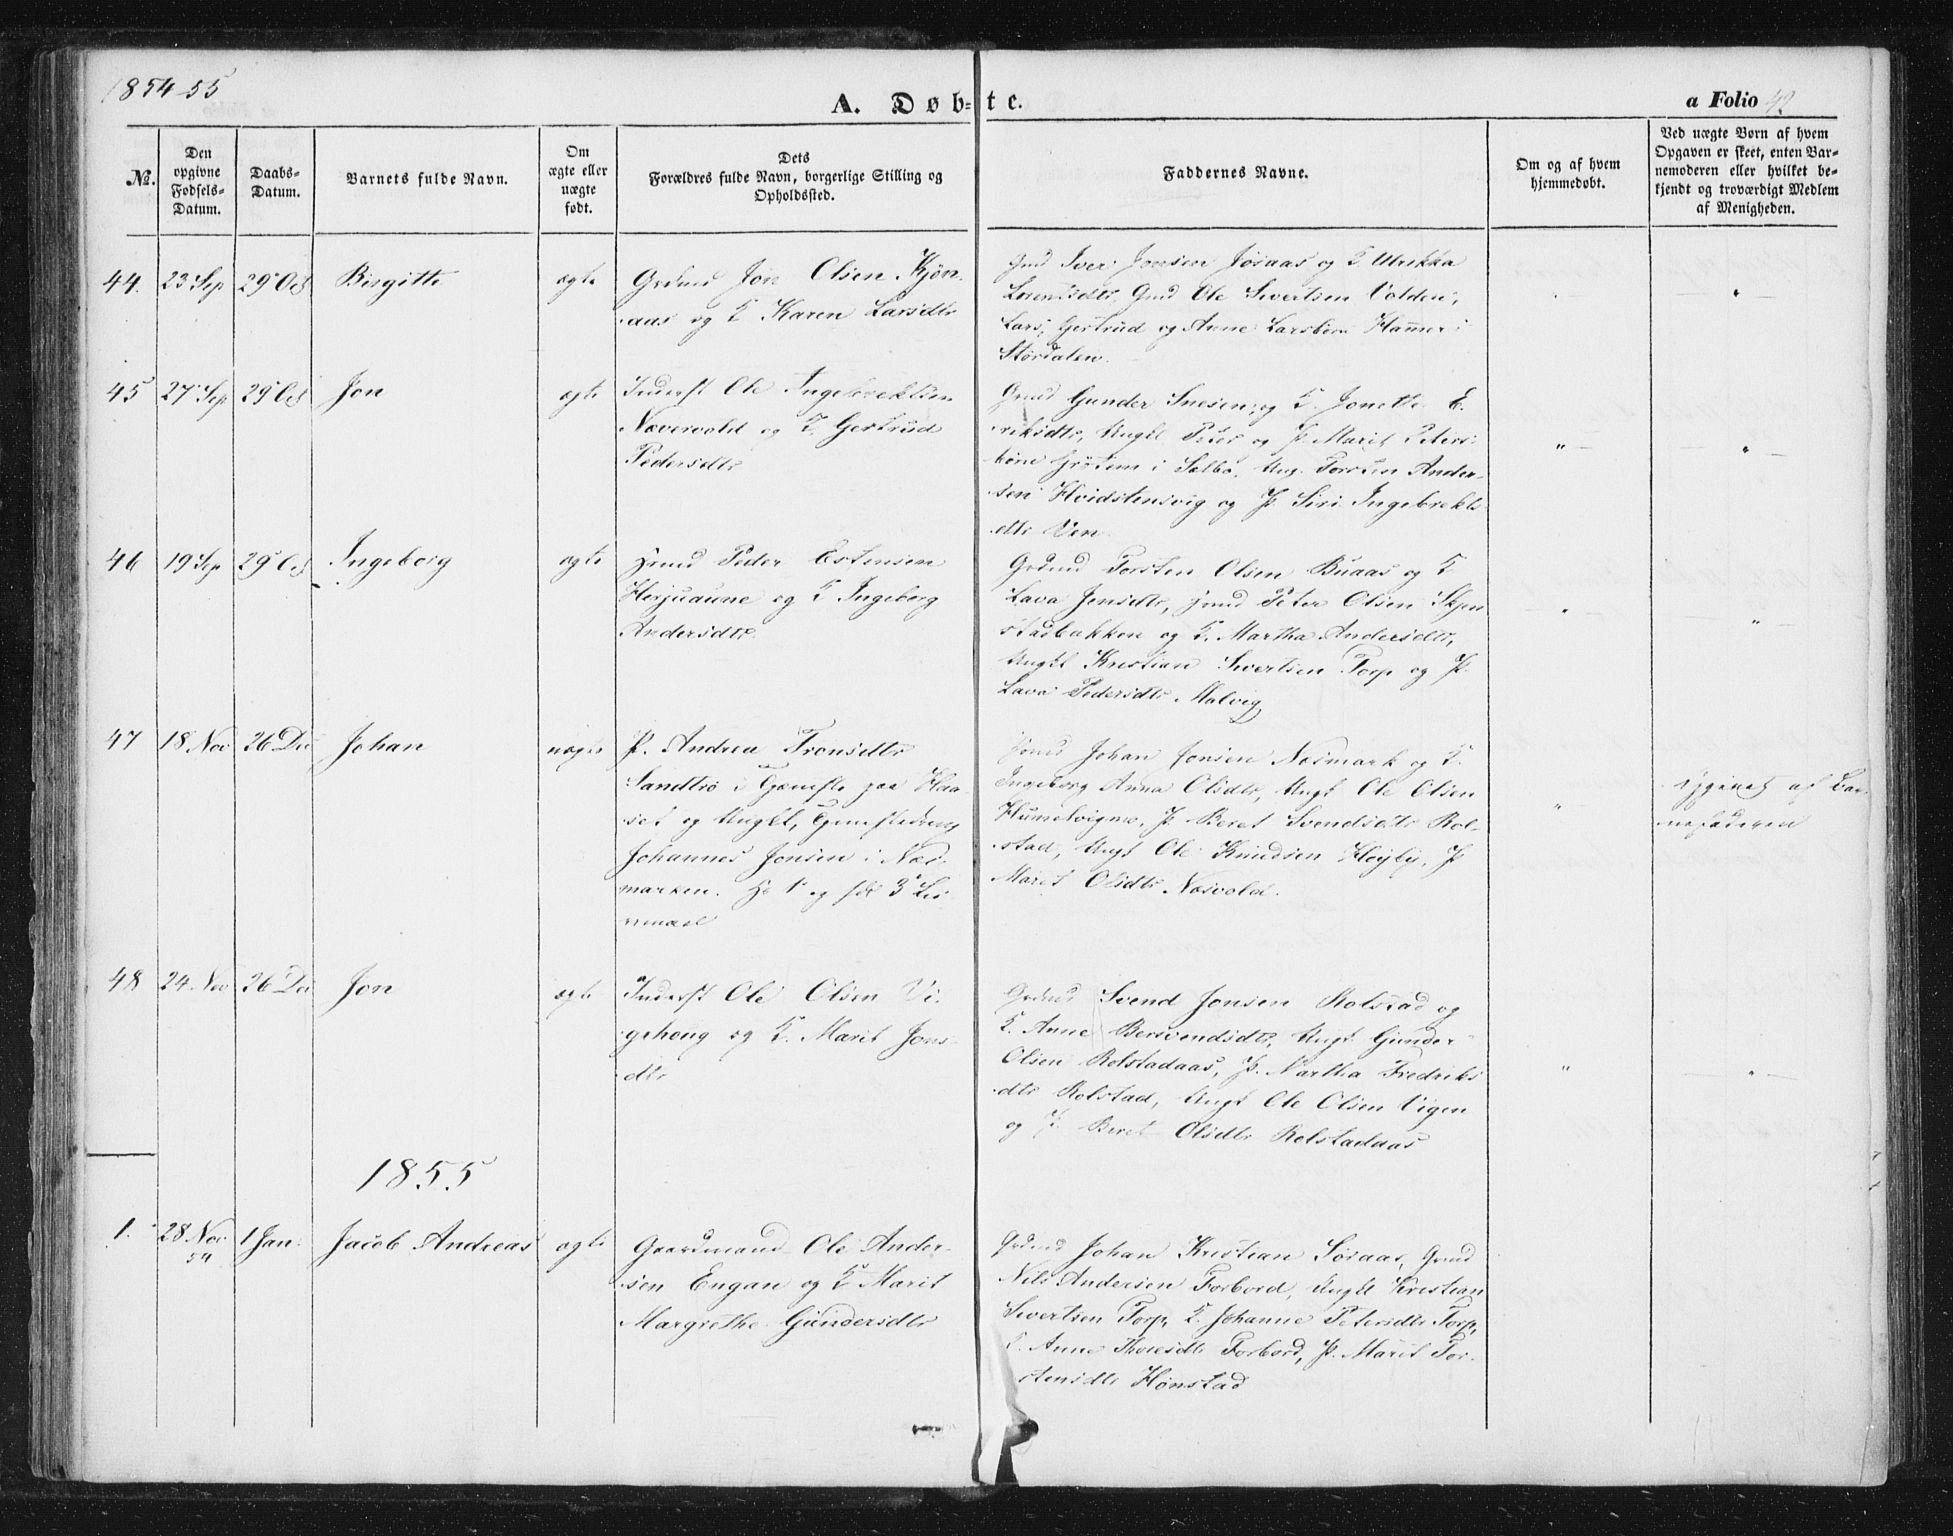 SAT, Ministerialprotokoller, klokkerbøker og fødselsregistre - Sør-Trøndelag, 616/L0407: Ministerialbok nr. 616A04, 1848-1856, s. 42